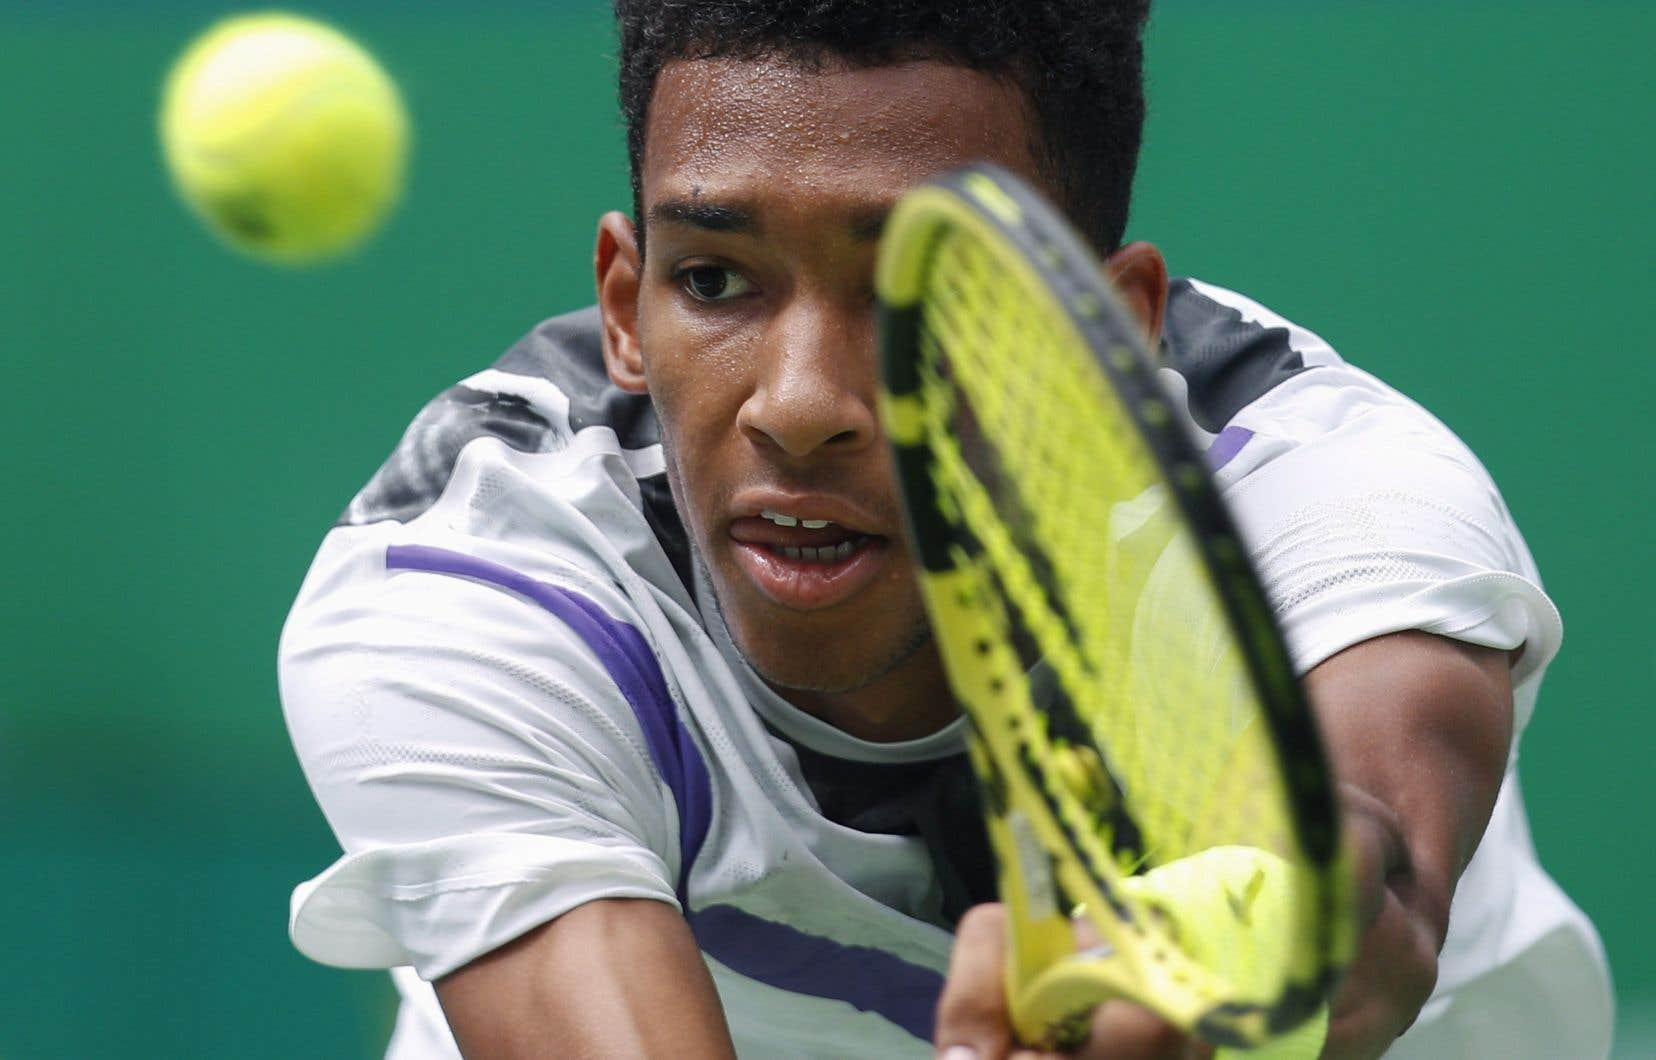 Félix Auger-Aliassime a déclaré forfait avant le début de son match de premier tour au tournoi de tennis de Vienne.